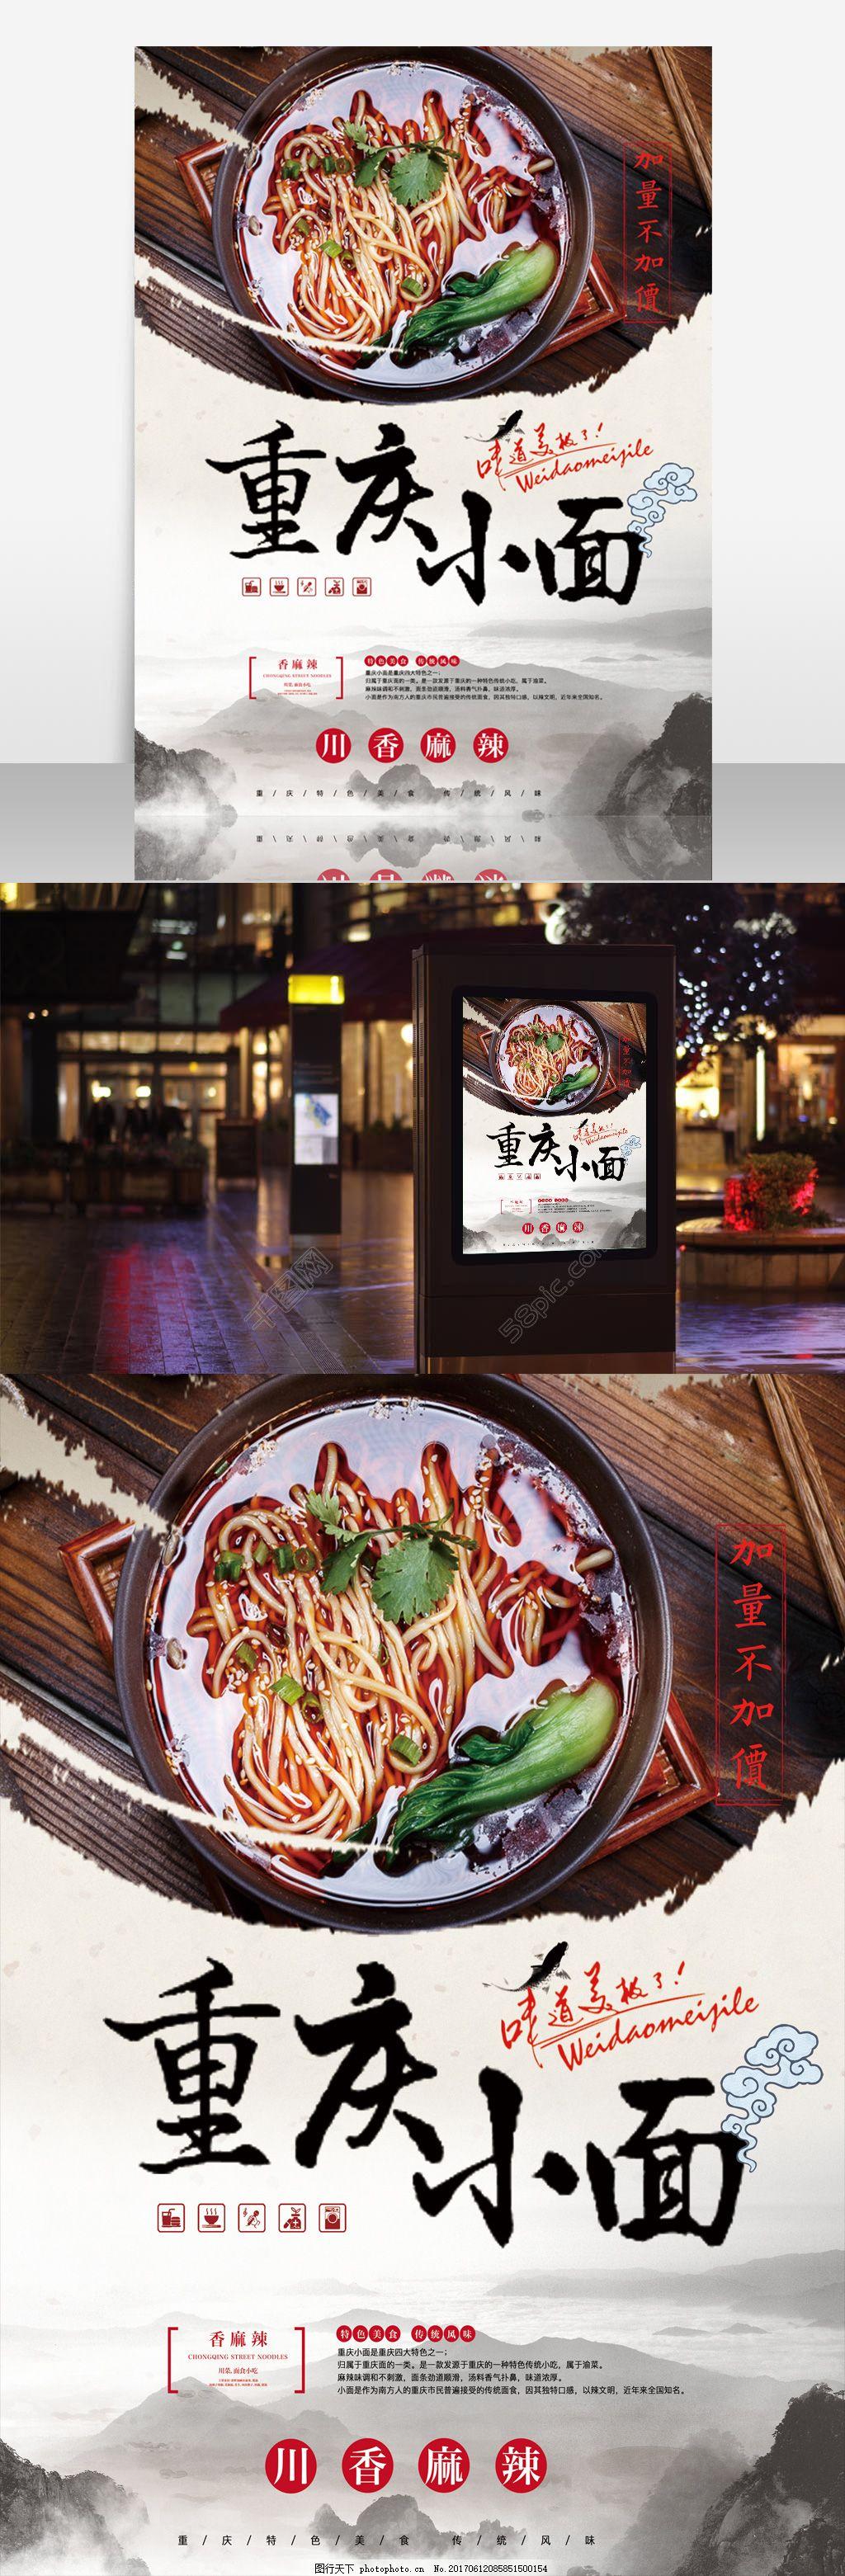 重庆小面美食餐馆面馆餐厅海报设计广告